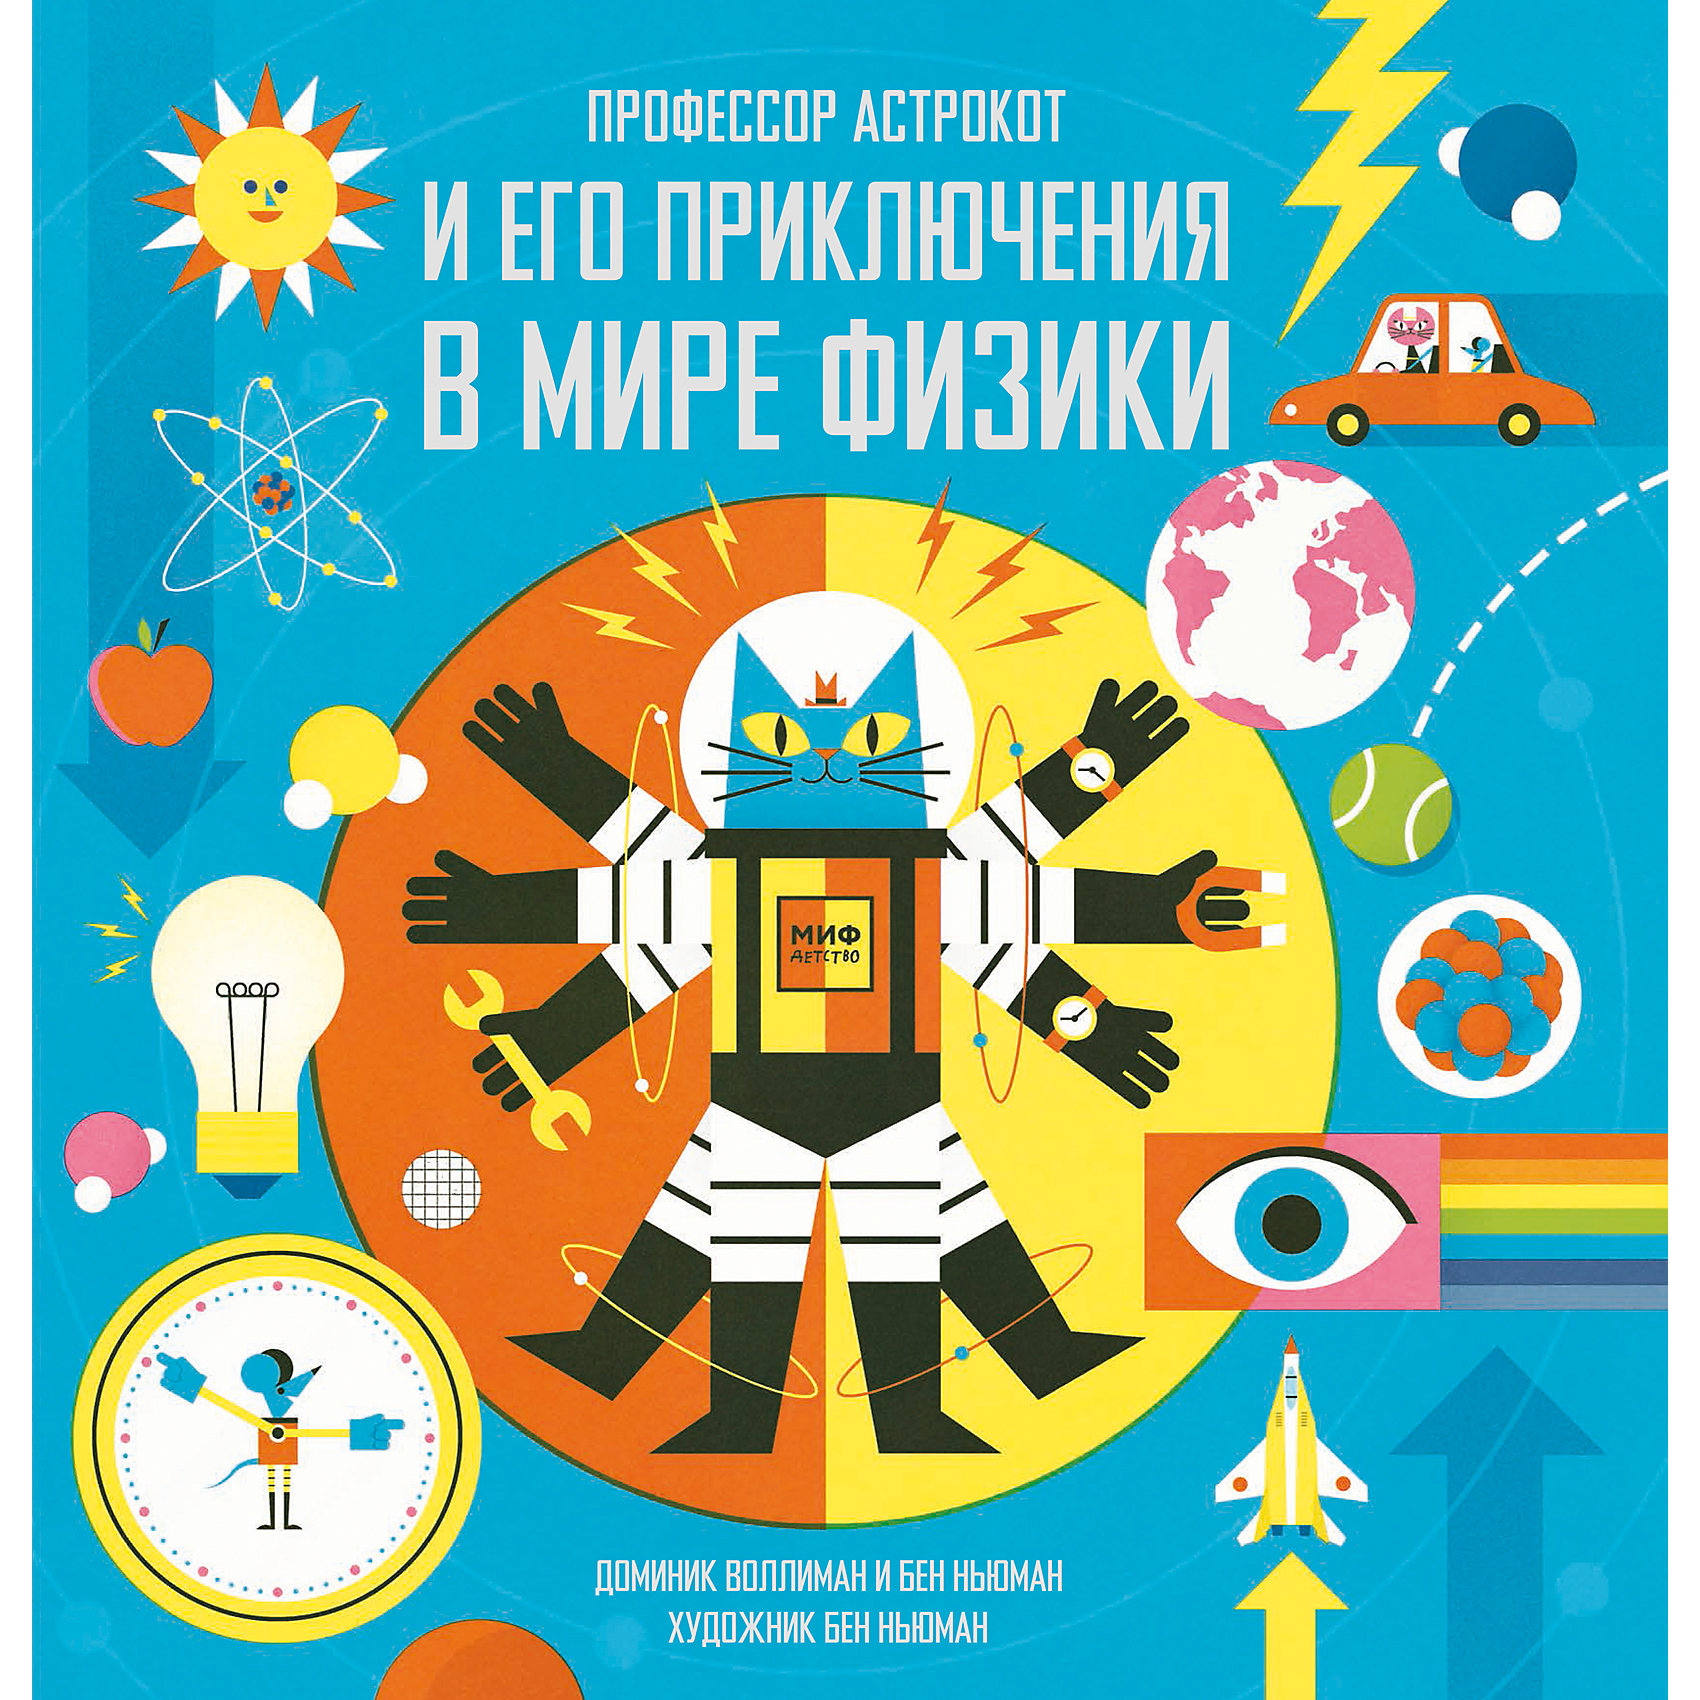 Профессор Астрокот и его приключения в мире физикиЭнциклопедии для школьников<br>Вторая книга с полюбившимися детям героями расскажет про физические явления: из чего всё сделано, откуда берется электричество, почему корабли не тонут в воде, а самолеты удерживаются в воздухе, почему мы видим цвета и о многом другом.<br><br>Ширина мм: 295<br>Глубина мм: 295<br>Высота мм: 110<br>Вес г: 735<br>Возраст от месяцев: 72<br>Возраст до месяцев: 2147483647<br>Пол: Унисекс<br>Возраст: Детский<br>SKU: 5535426